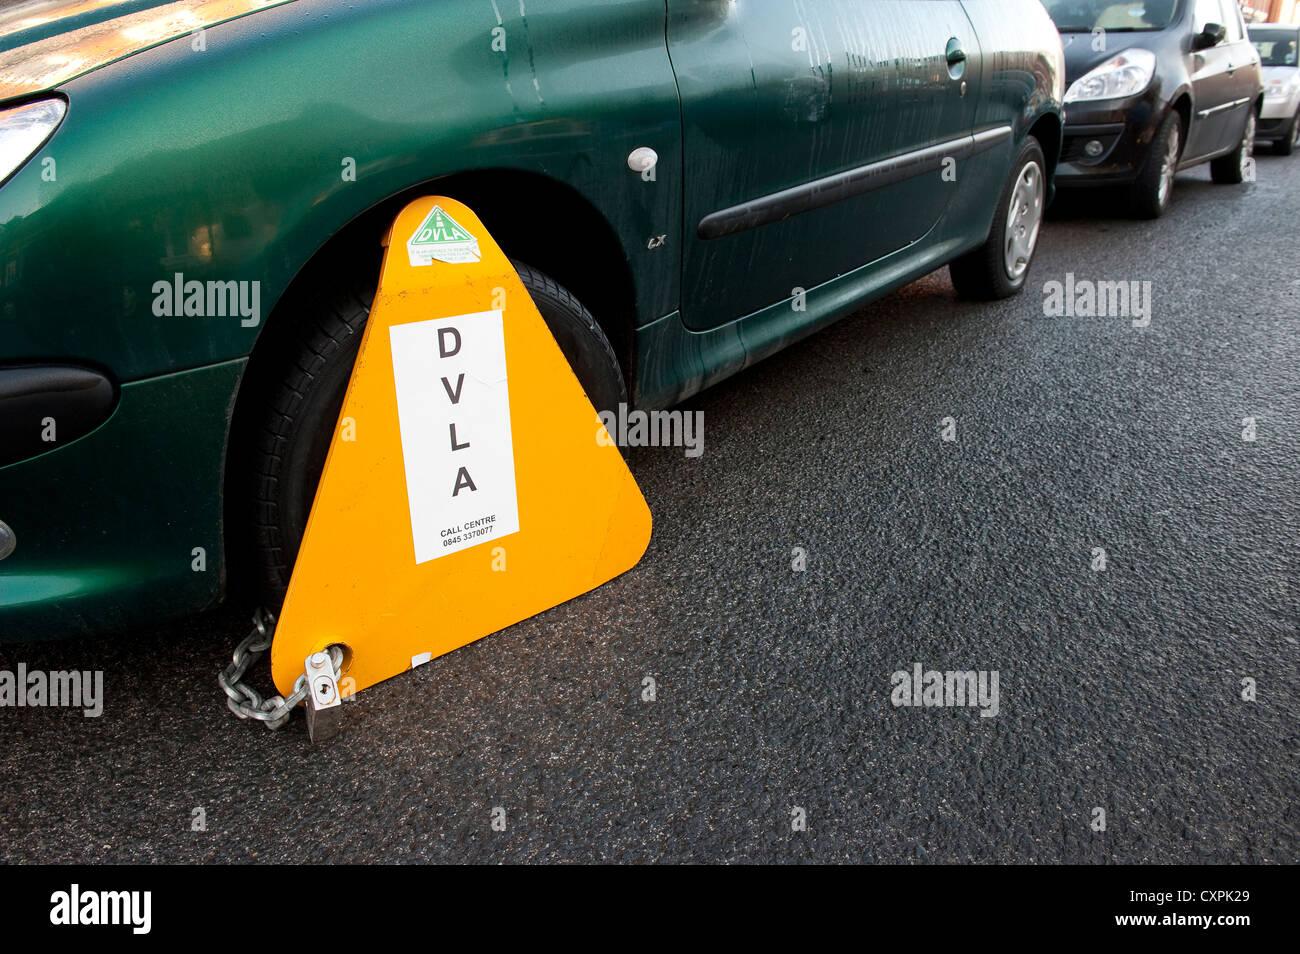 Abrazadera sobre una rueda de DVLA gratuitas coche aparcado en una calle en Inglaterra. Imagen De Stock